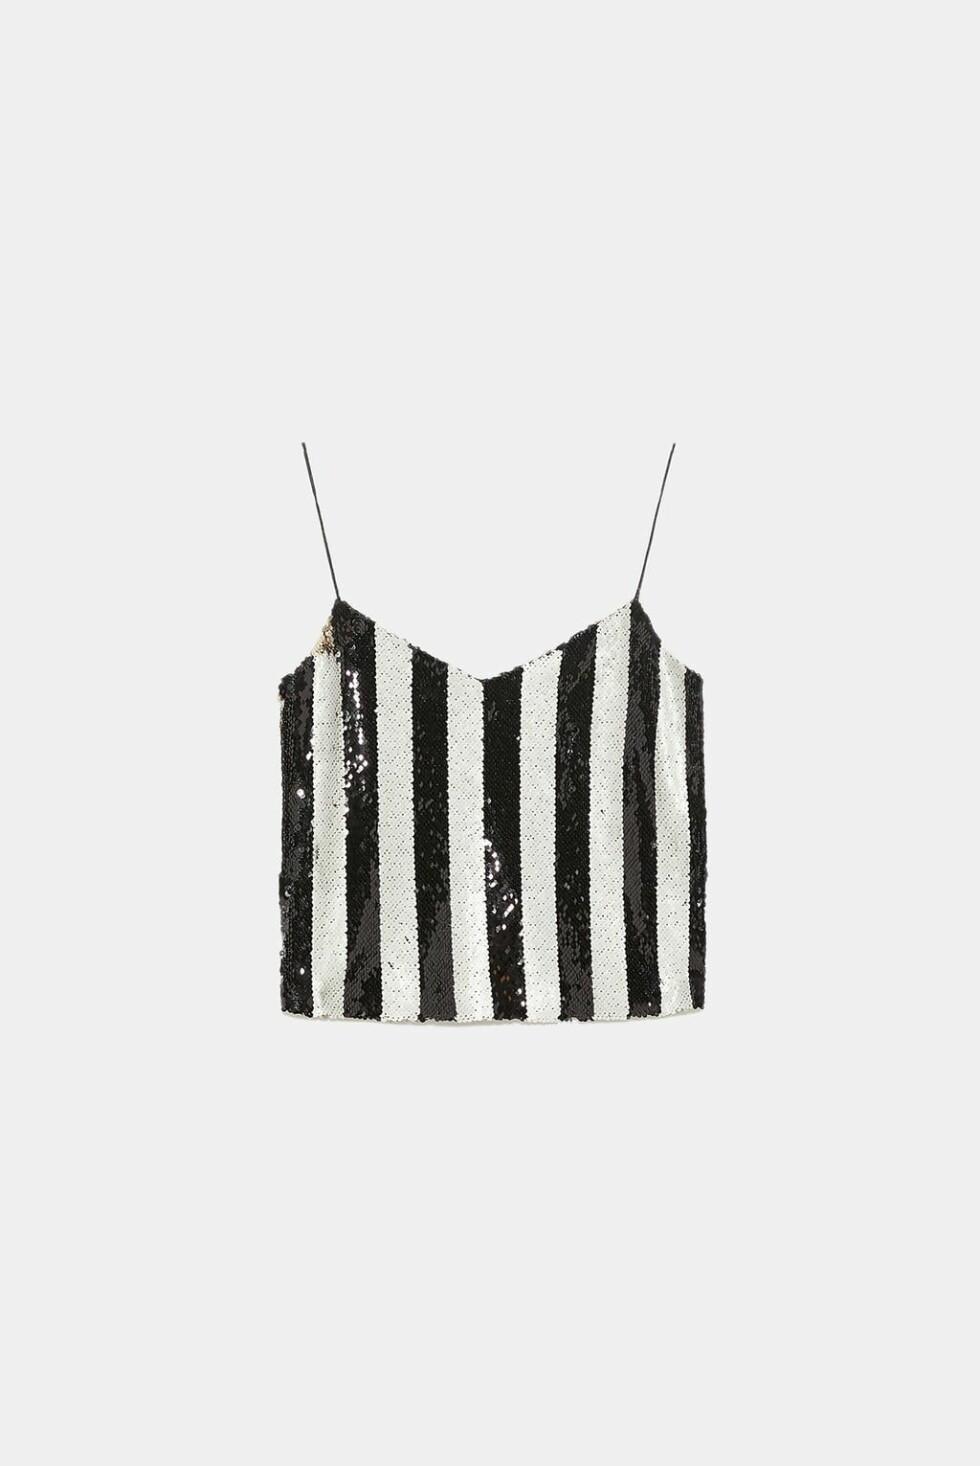 Topp fra Zara |399,-| https://www.zara.com/no/no/topp-med-stropper-og-paljetter-p07901211.html?v1=7767088&v2=1080528